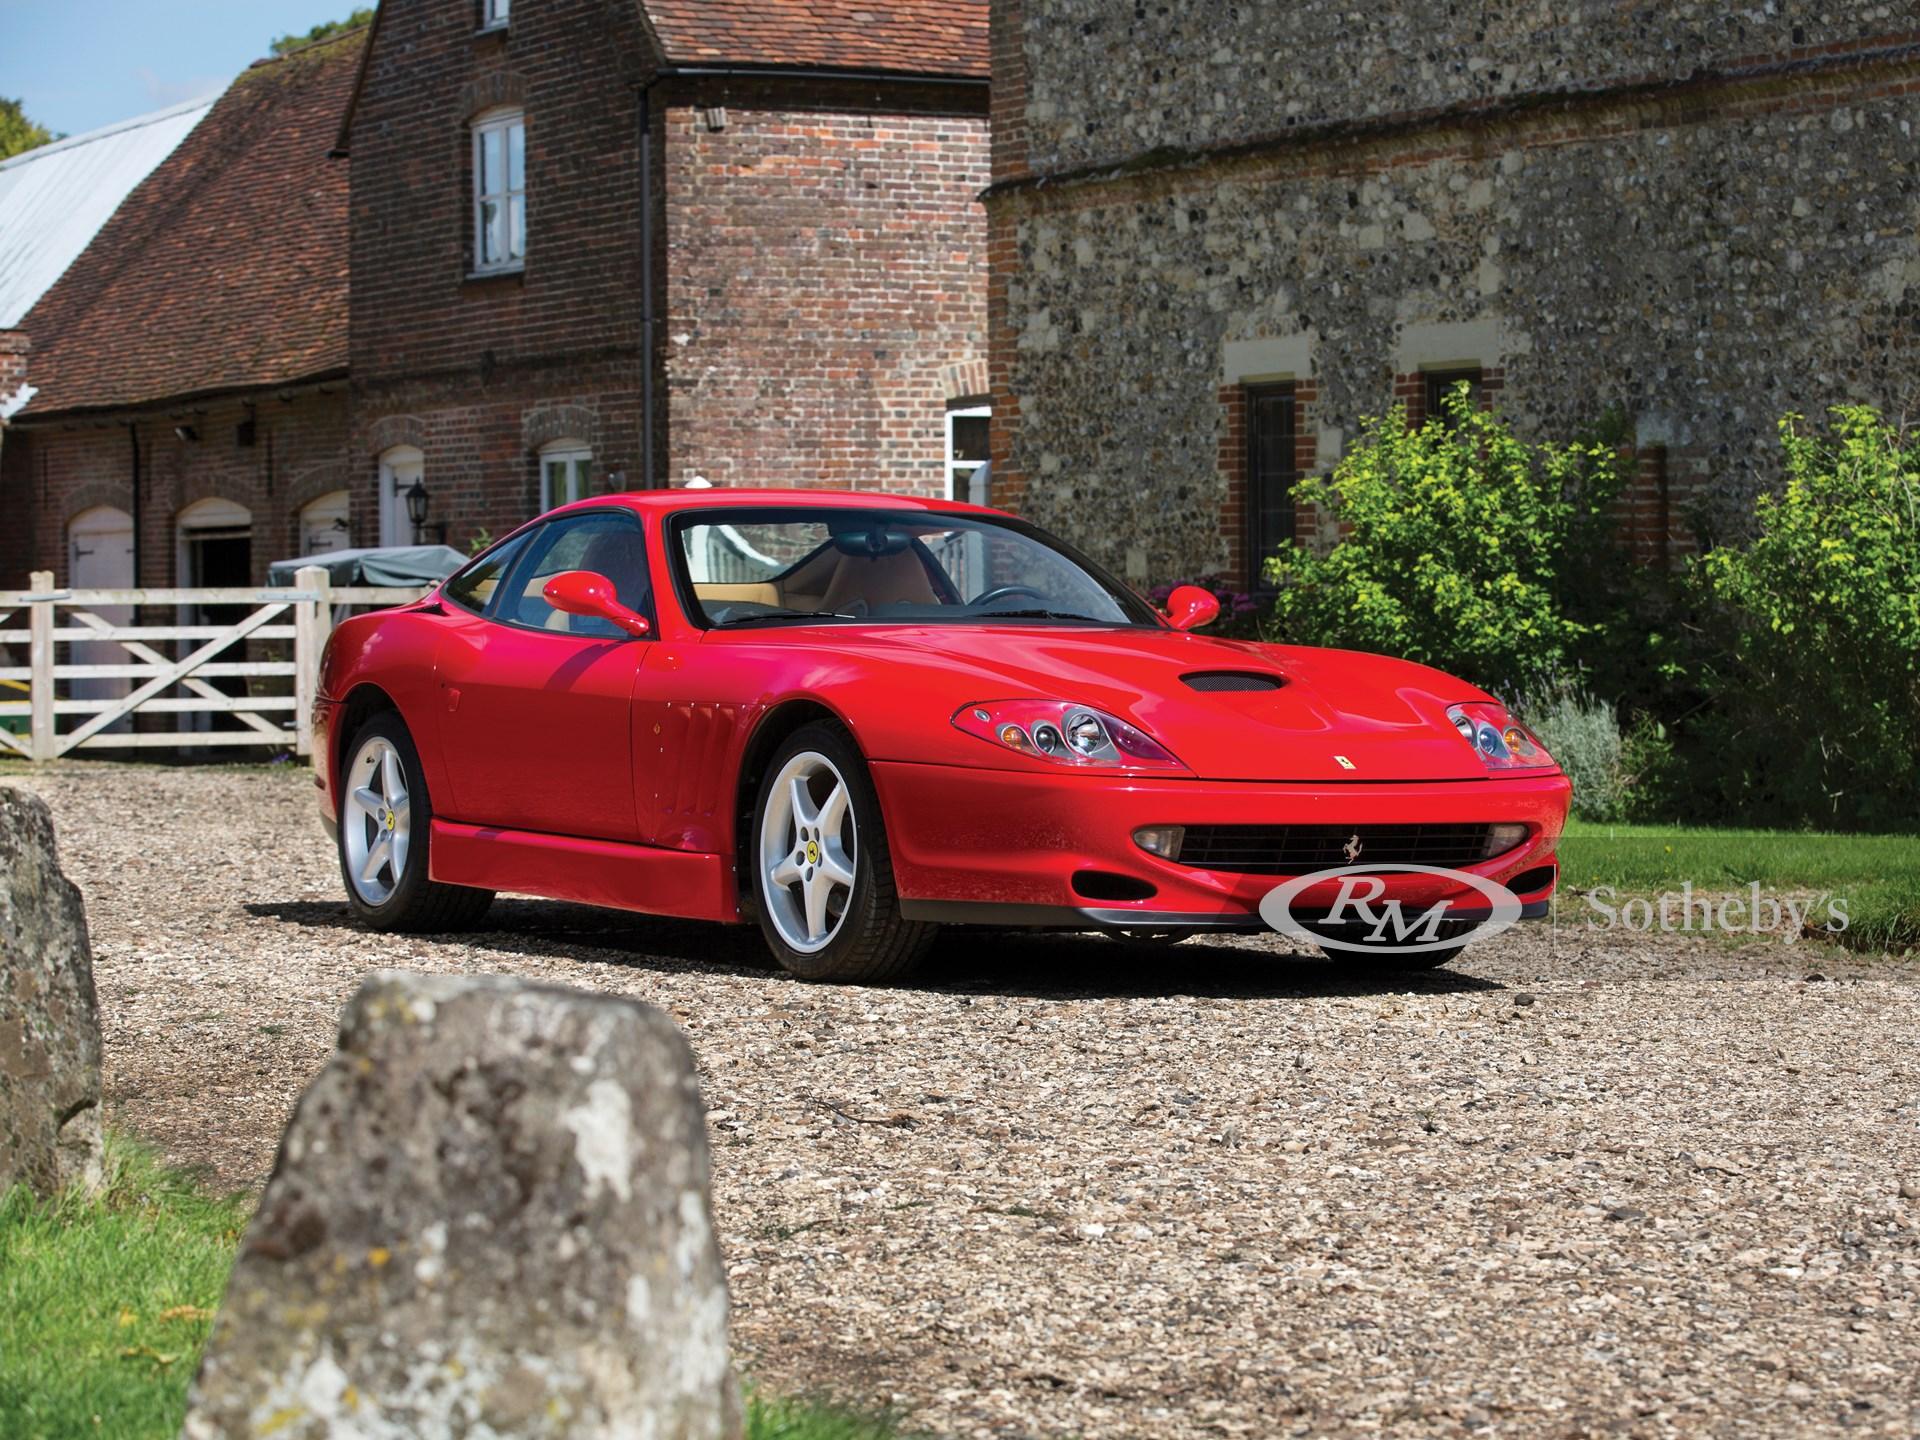 2001 Ferrari 550 Sperimentale